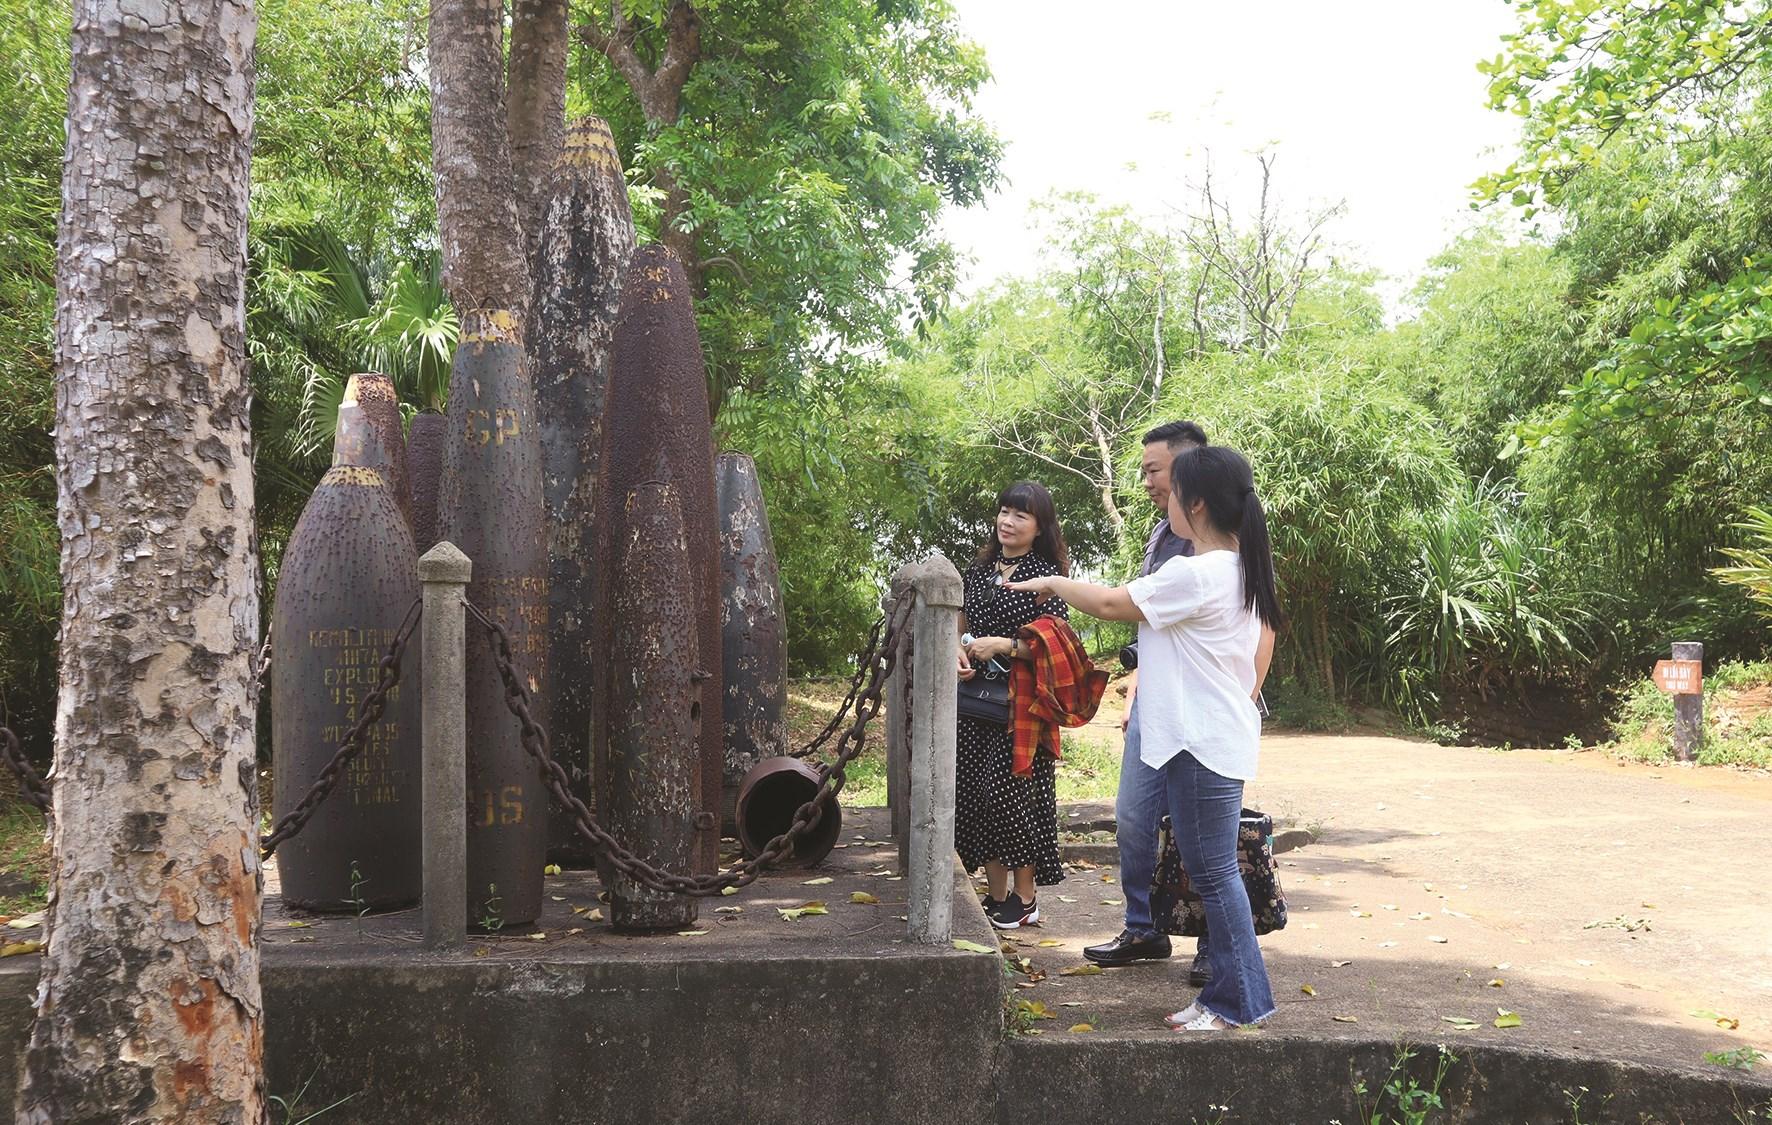 Du khách thăm quan tại khu di tích lịch sử Địa đạo Vịnh Mốc.